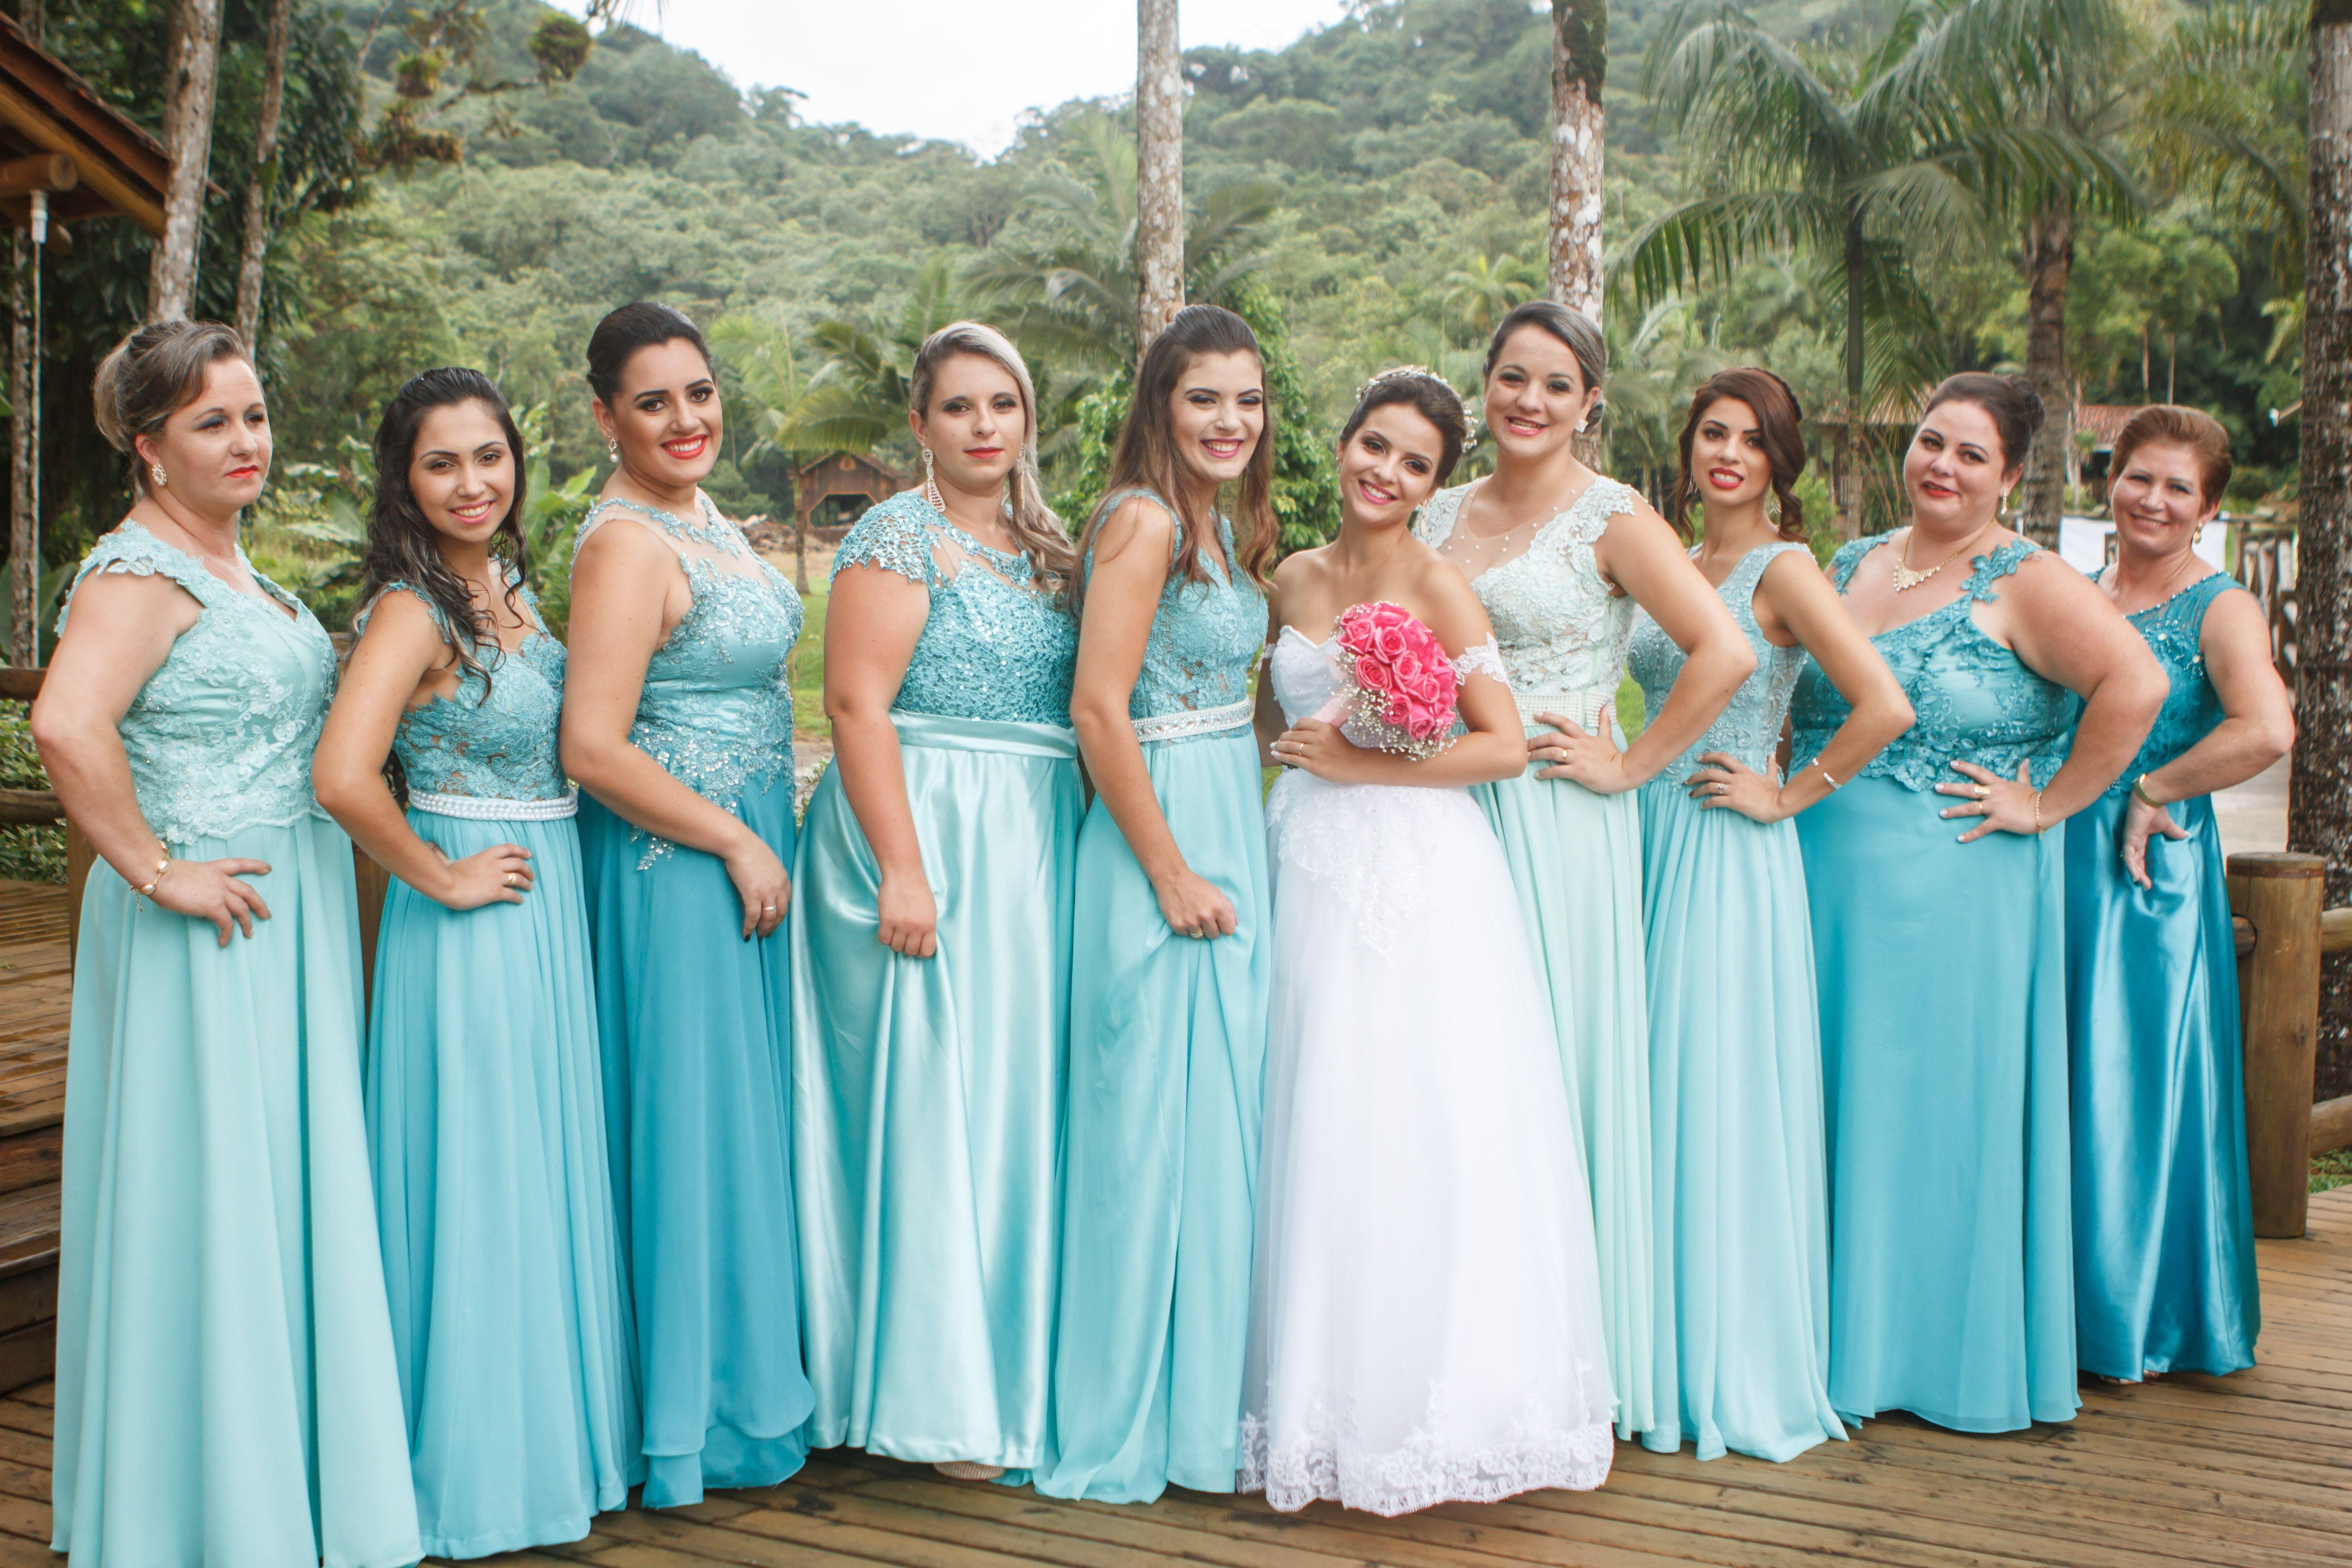 Bridesmaids - Azul tiffany- Casamento de dia | Madrinhas | Pinterest ...